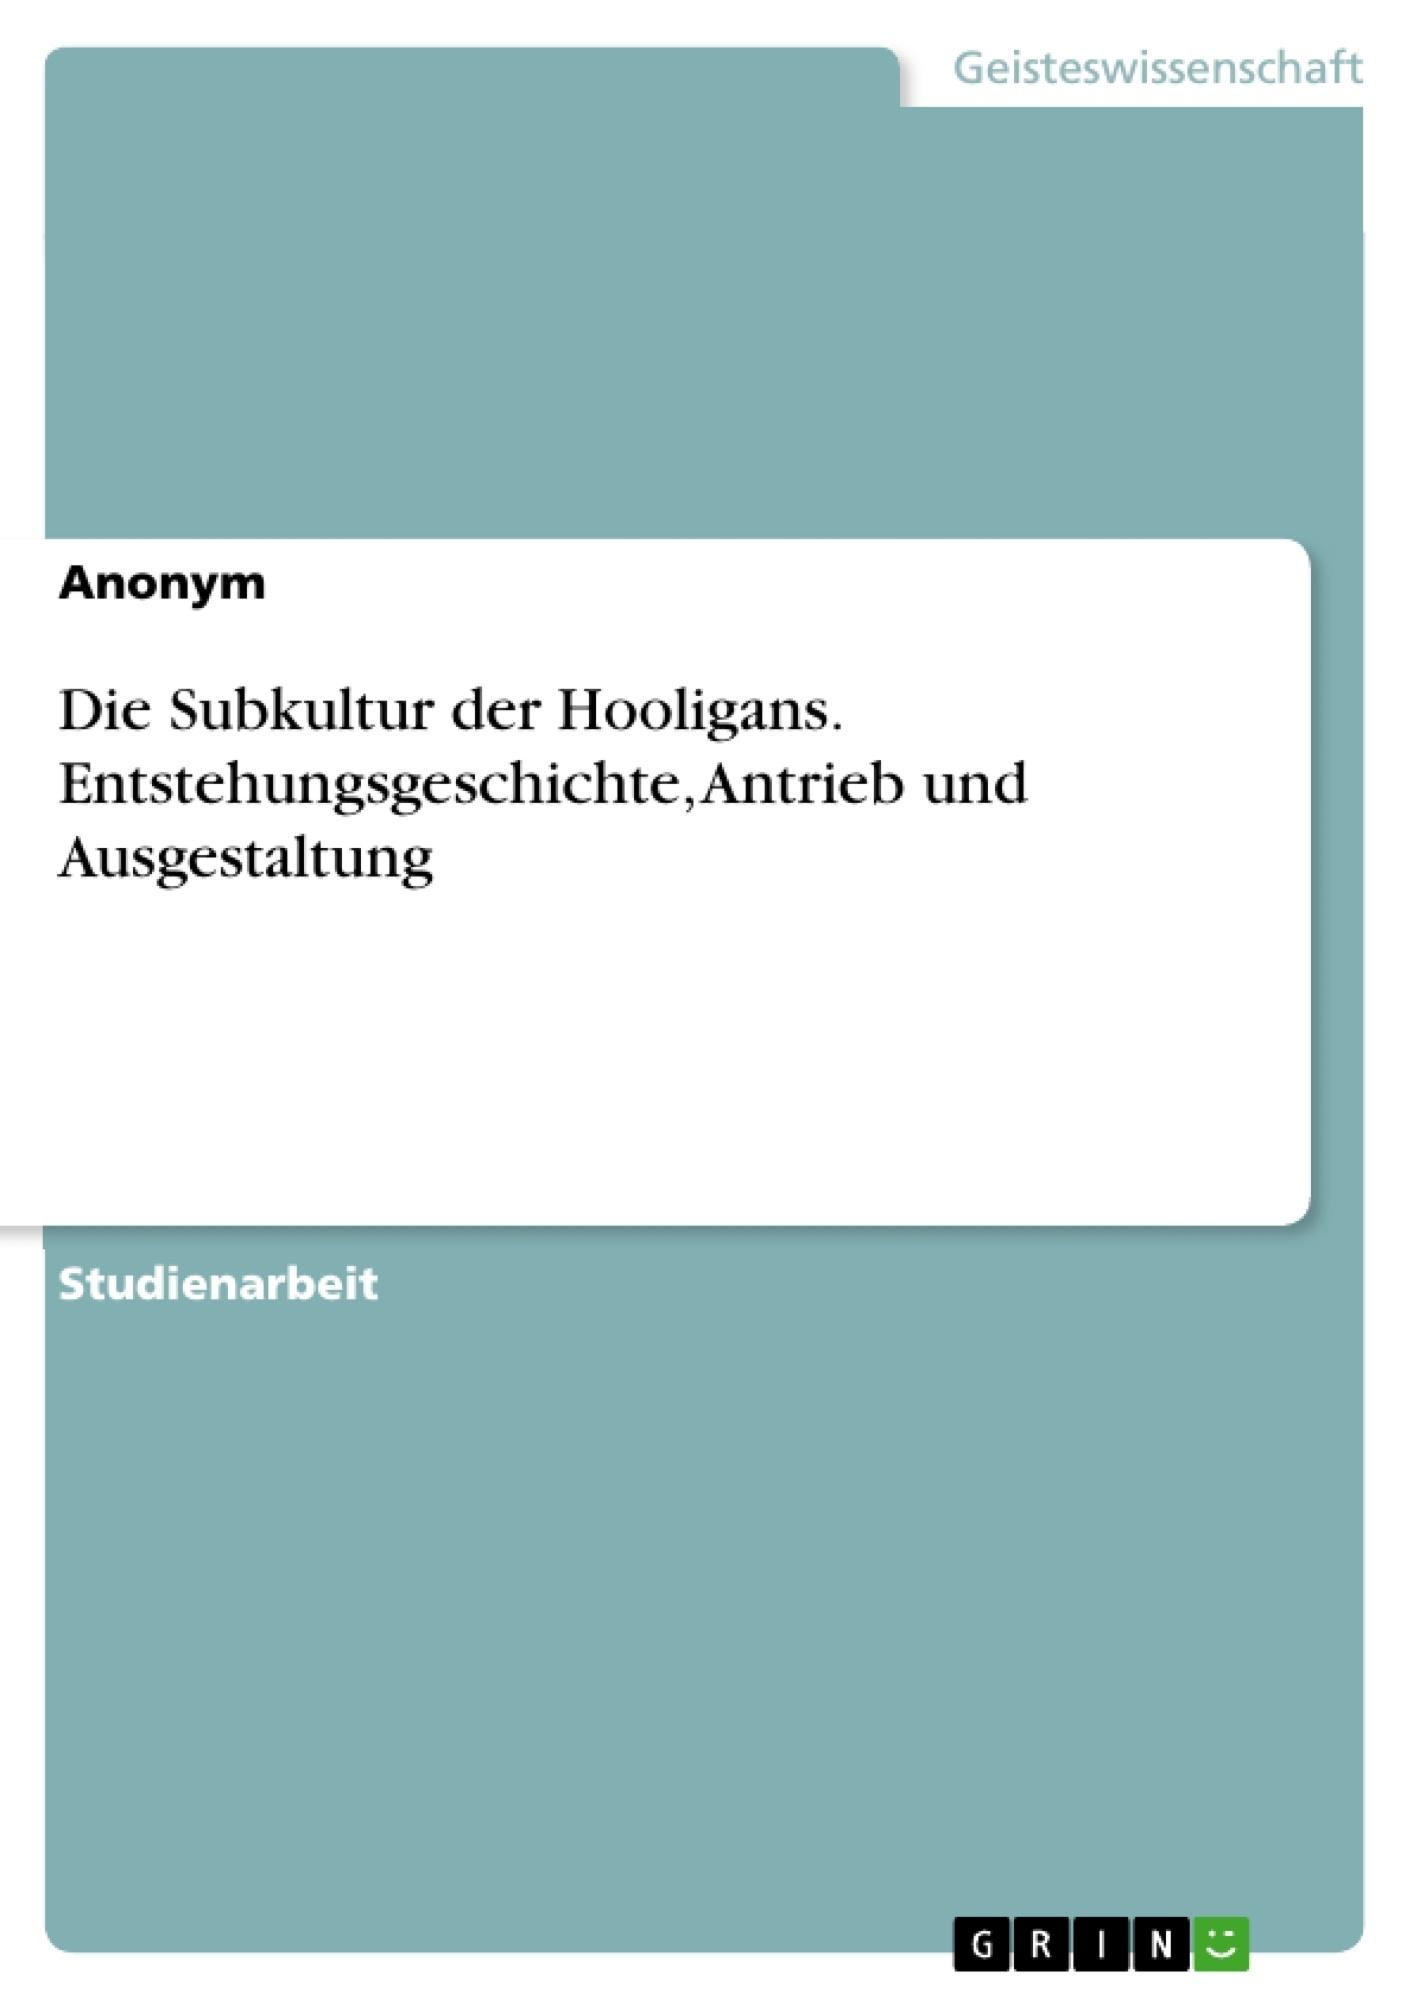 Titel: Die Subkultur der Hooligans. Entstehungsgeschichte, Antrieb und Ausgestaltung